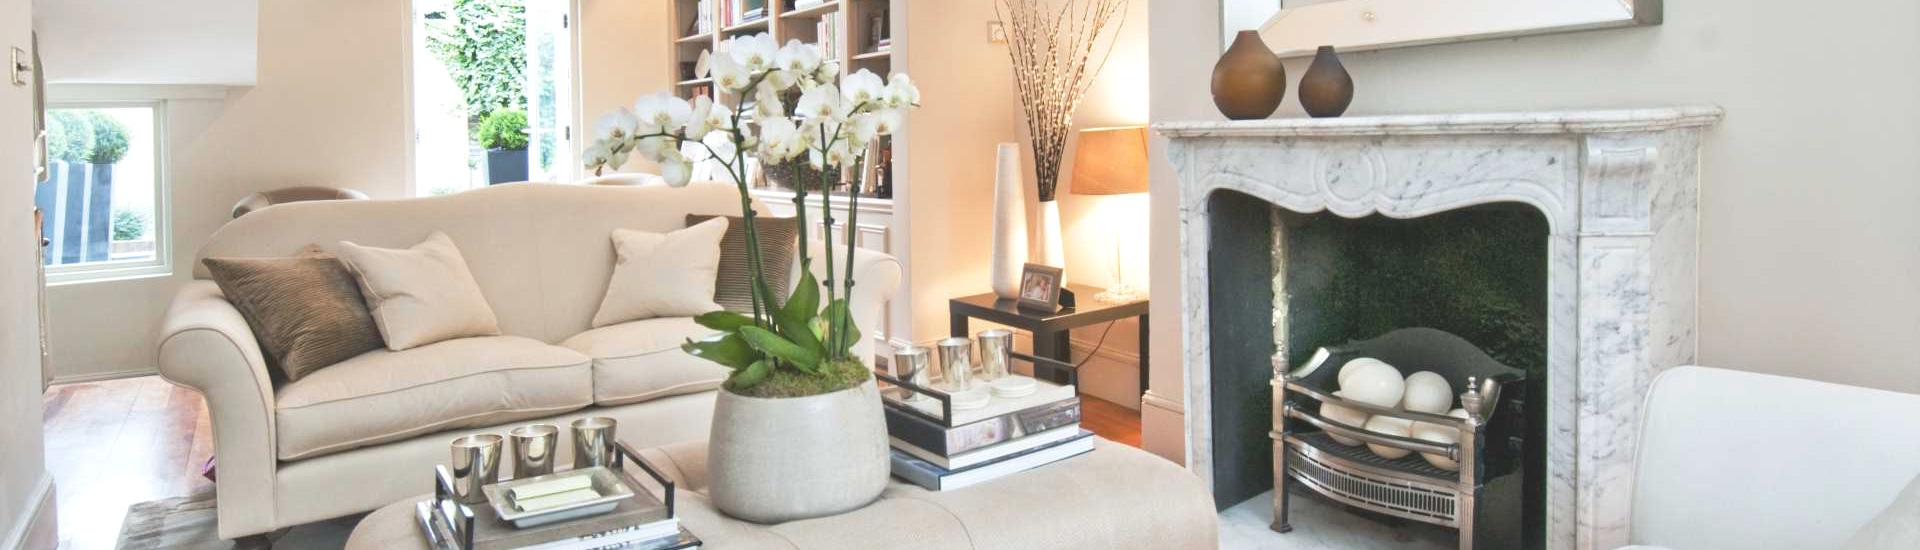 renovation-builders-plush-chelsea-living-room